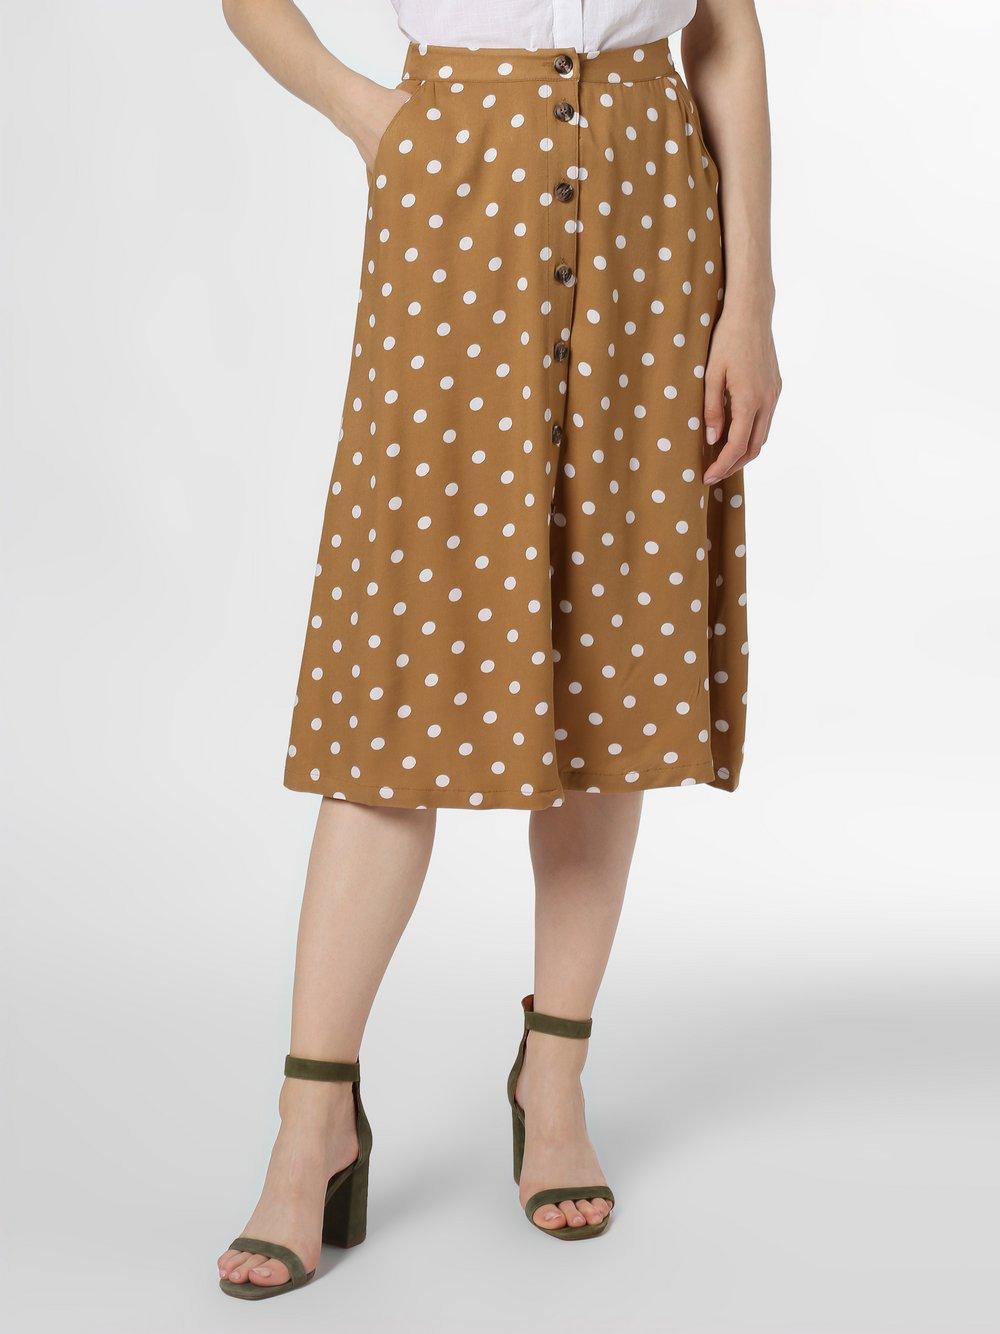 Minimum - Spódnica damska – Sodot, brązowy